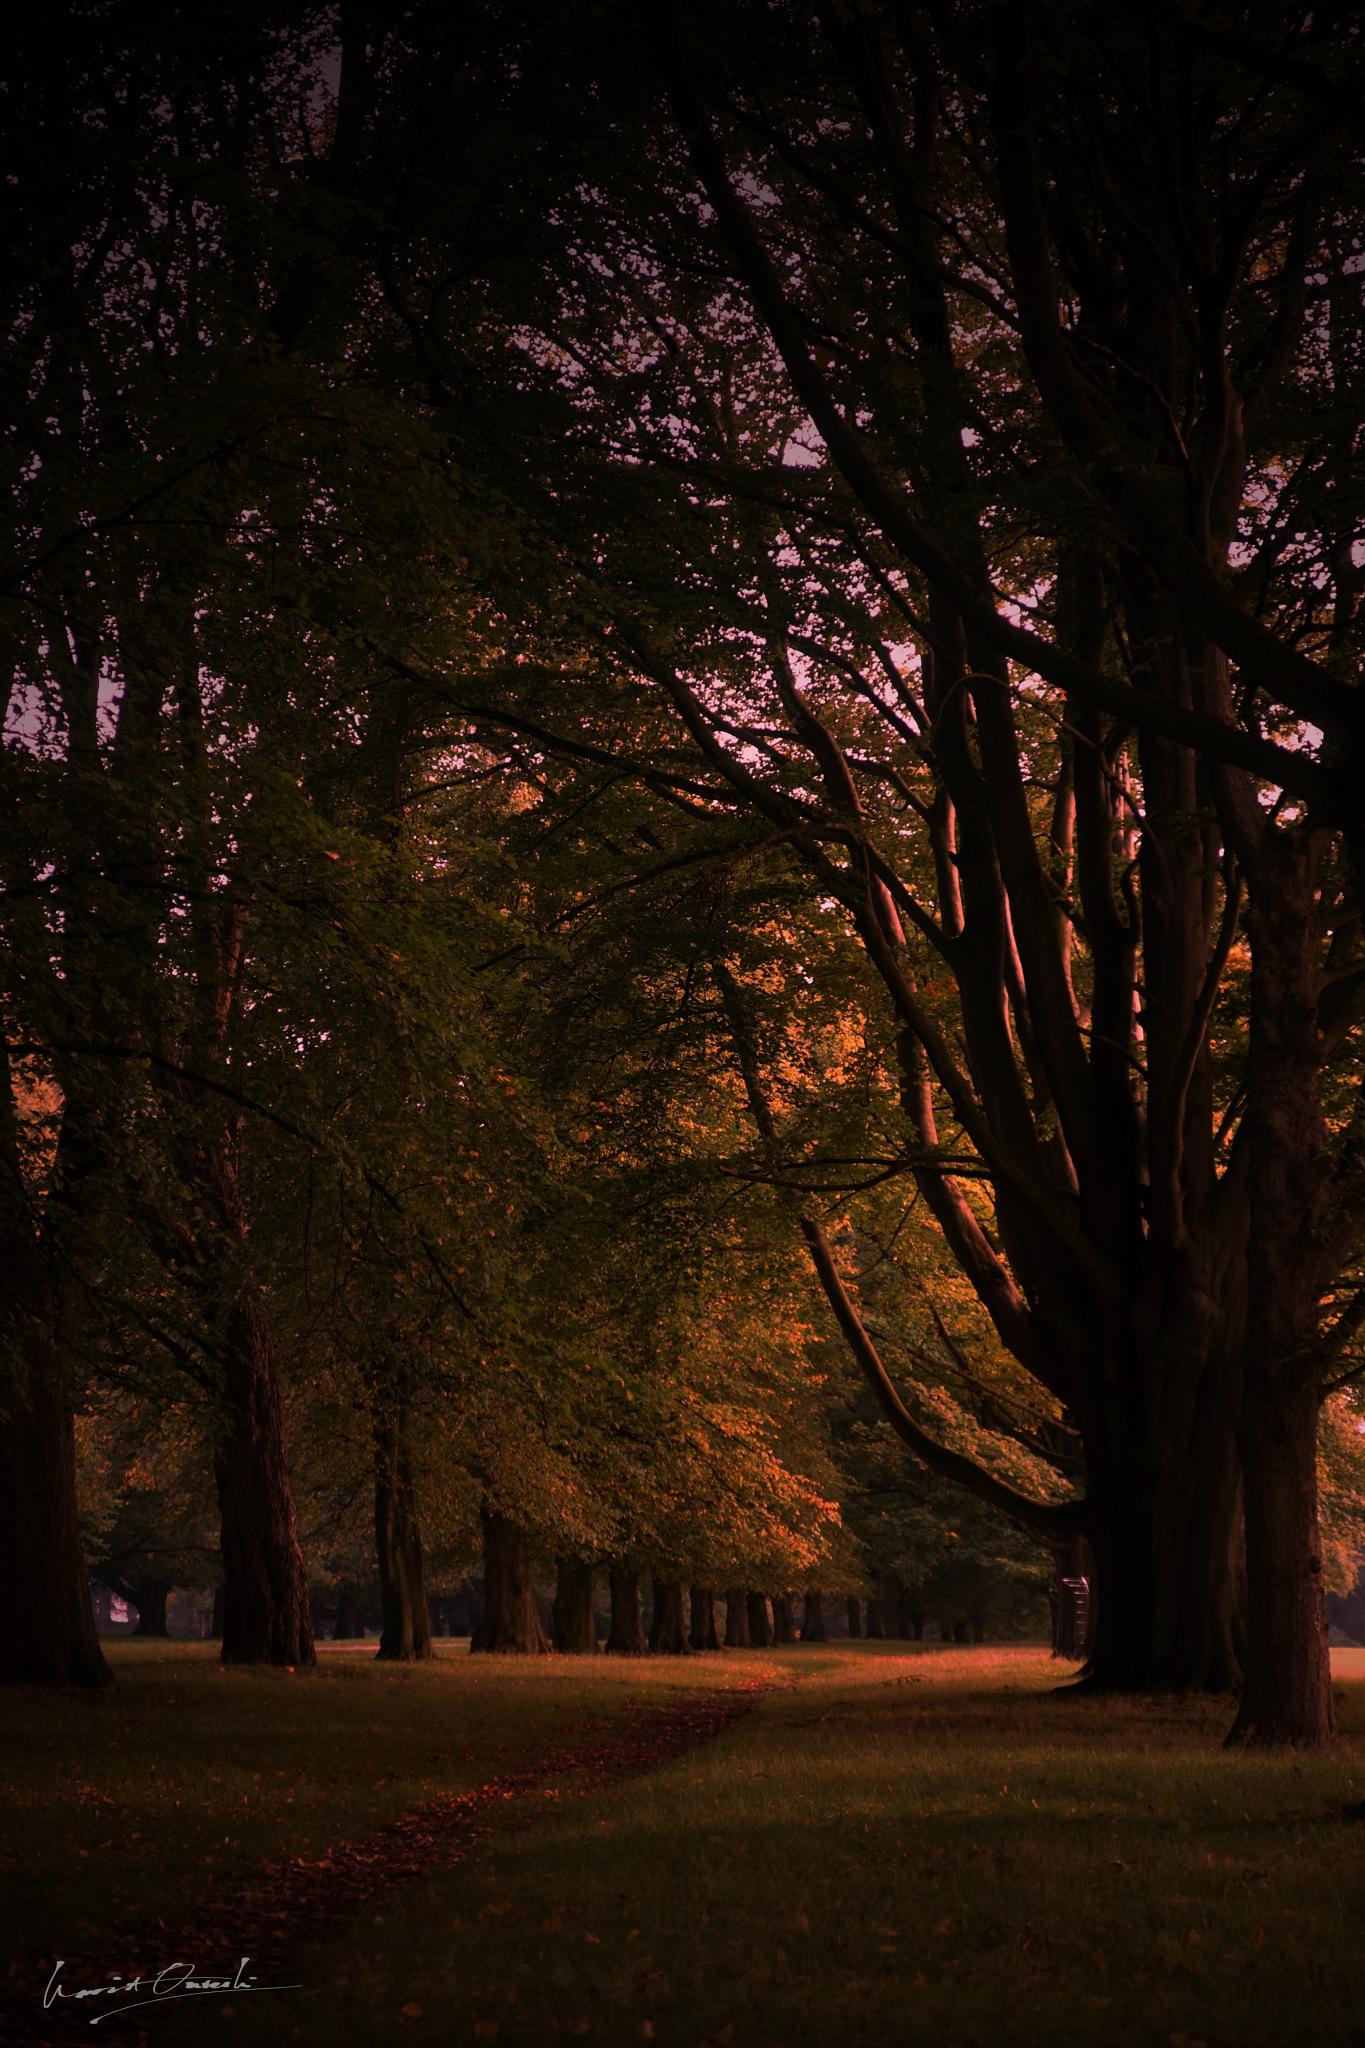 Fall at doorstep by NavidQureshi